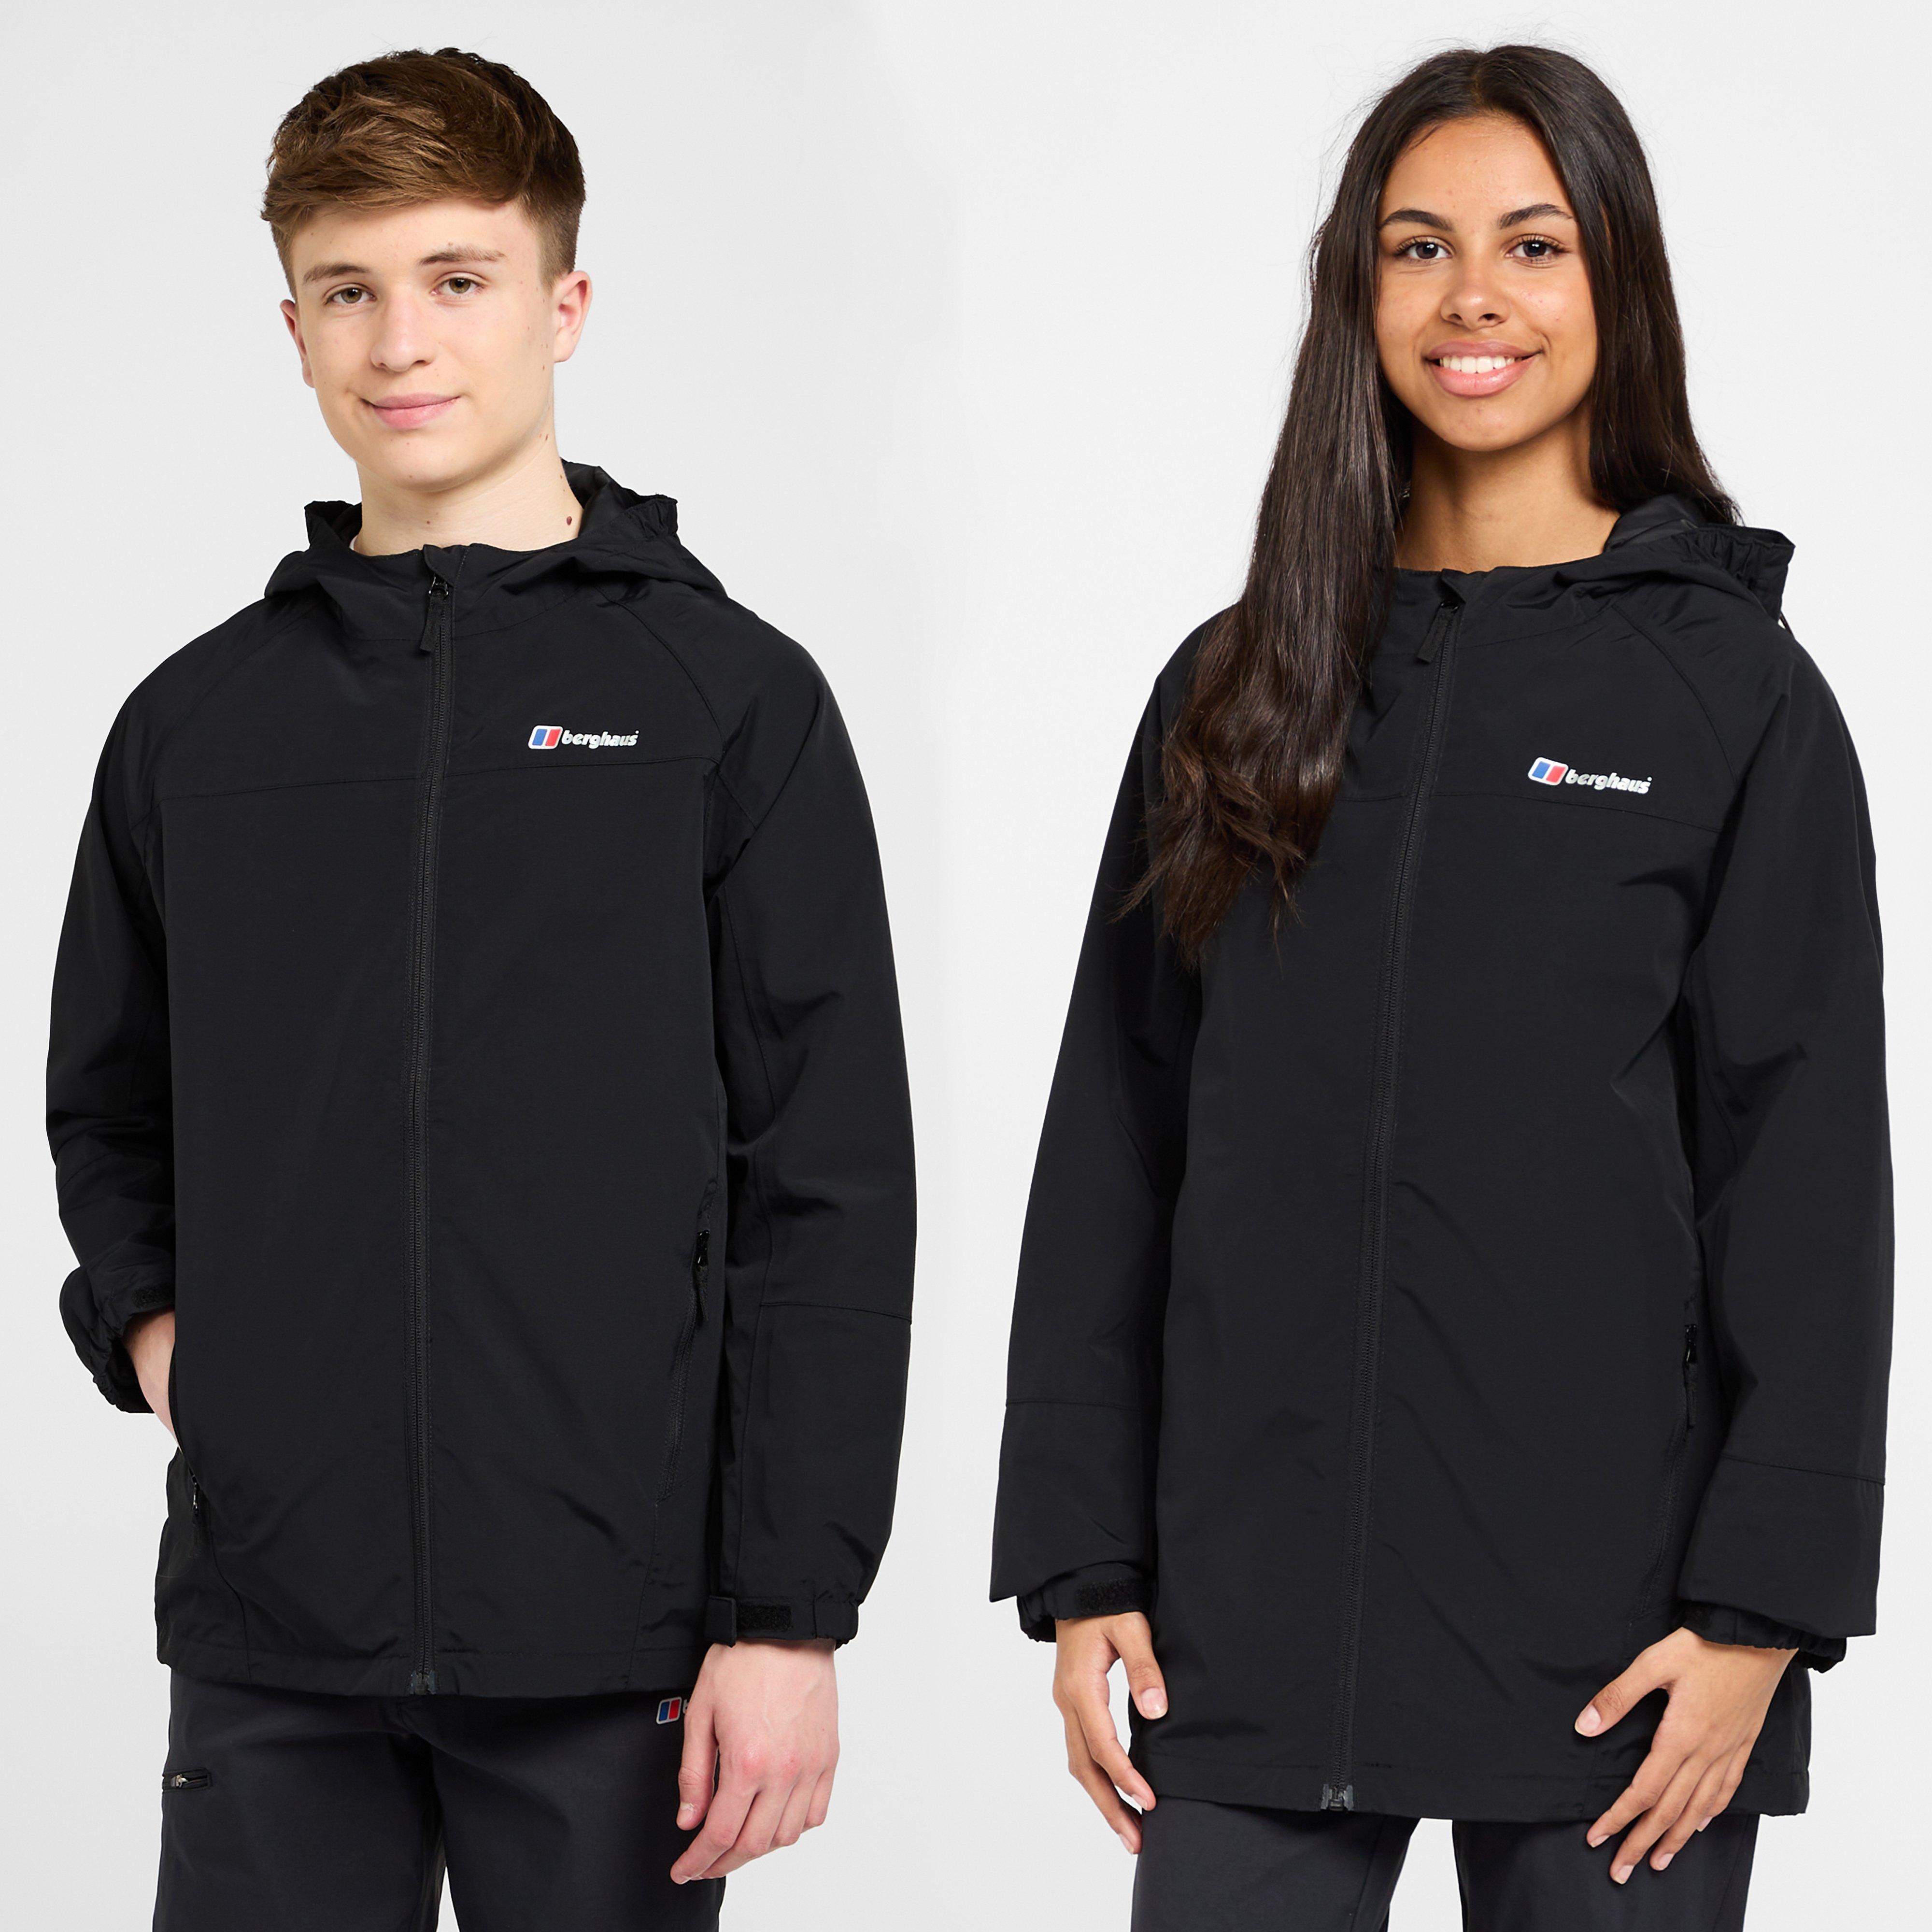 Berghaus Kids Bowood Waterproof Jacket - Black/blkblk  Black/blkblk